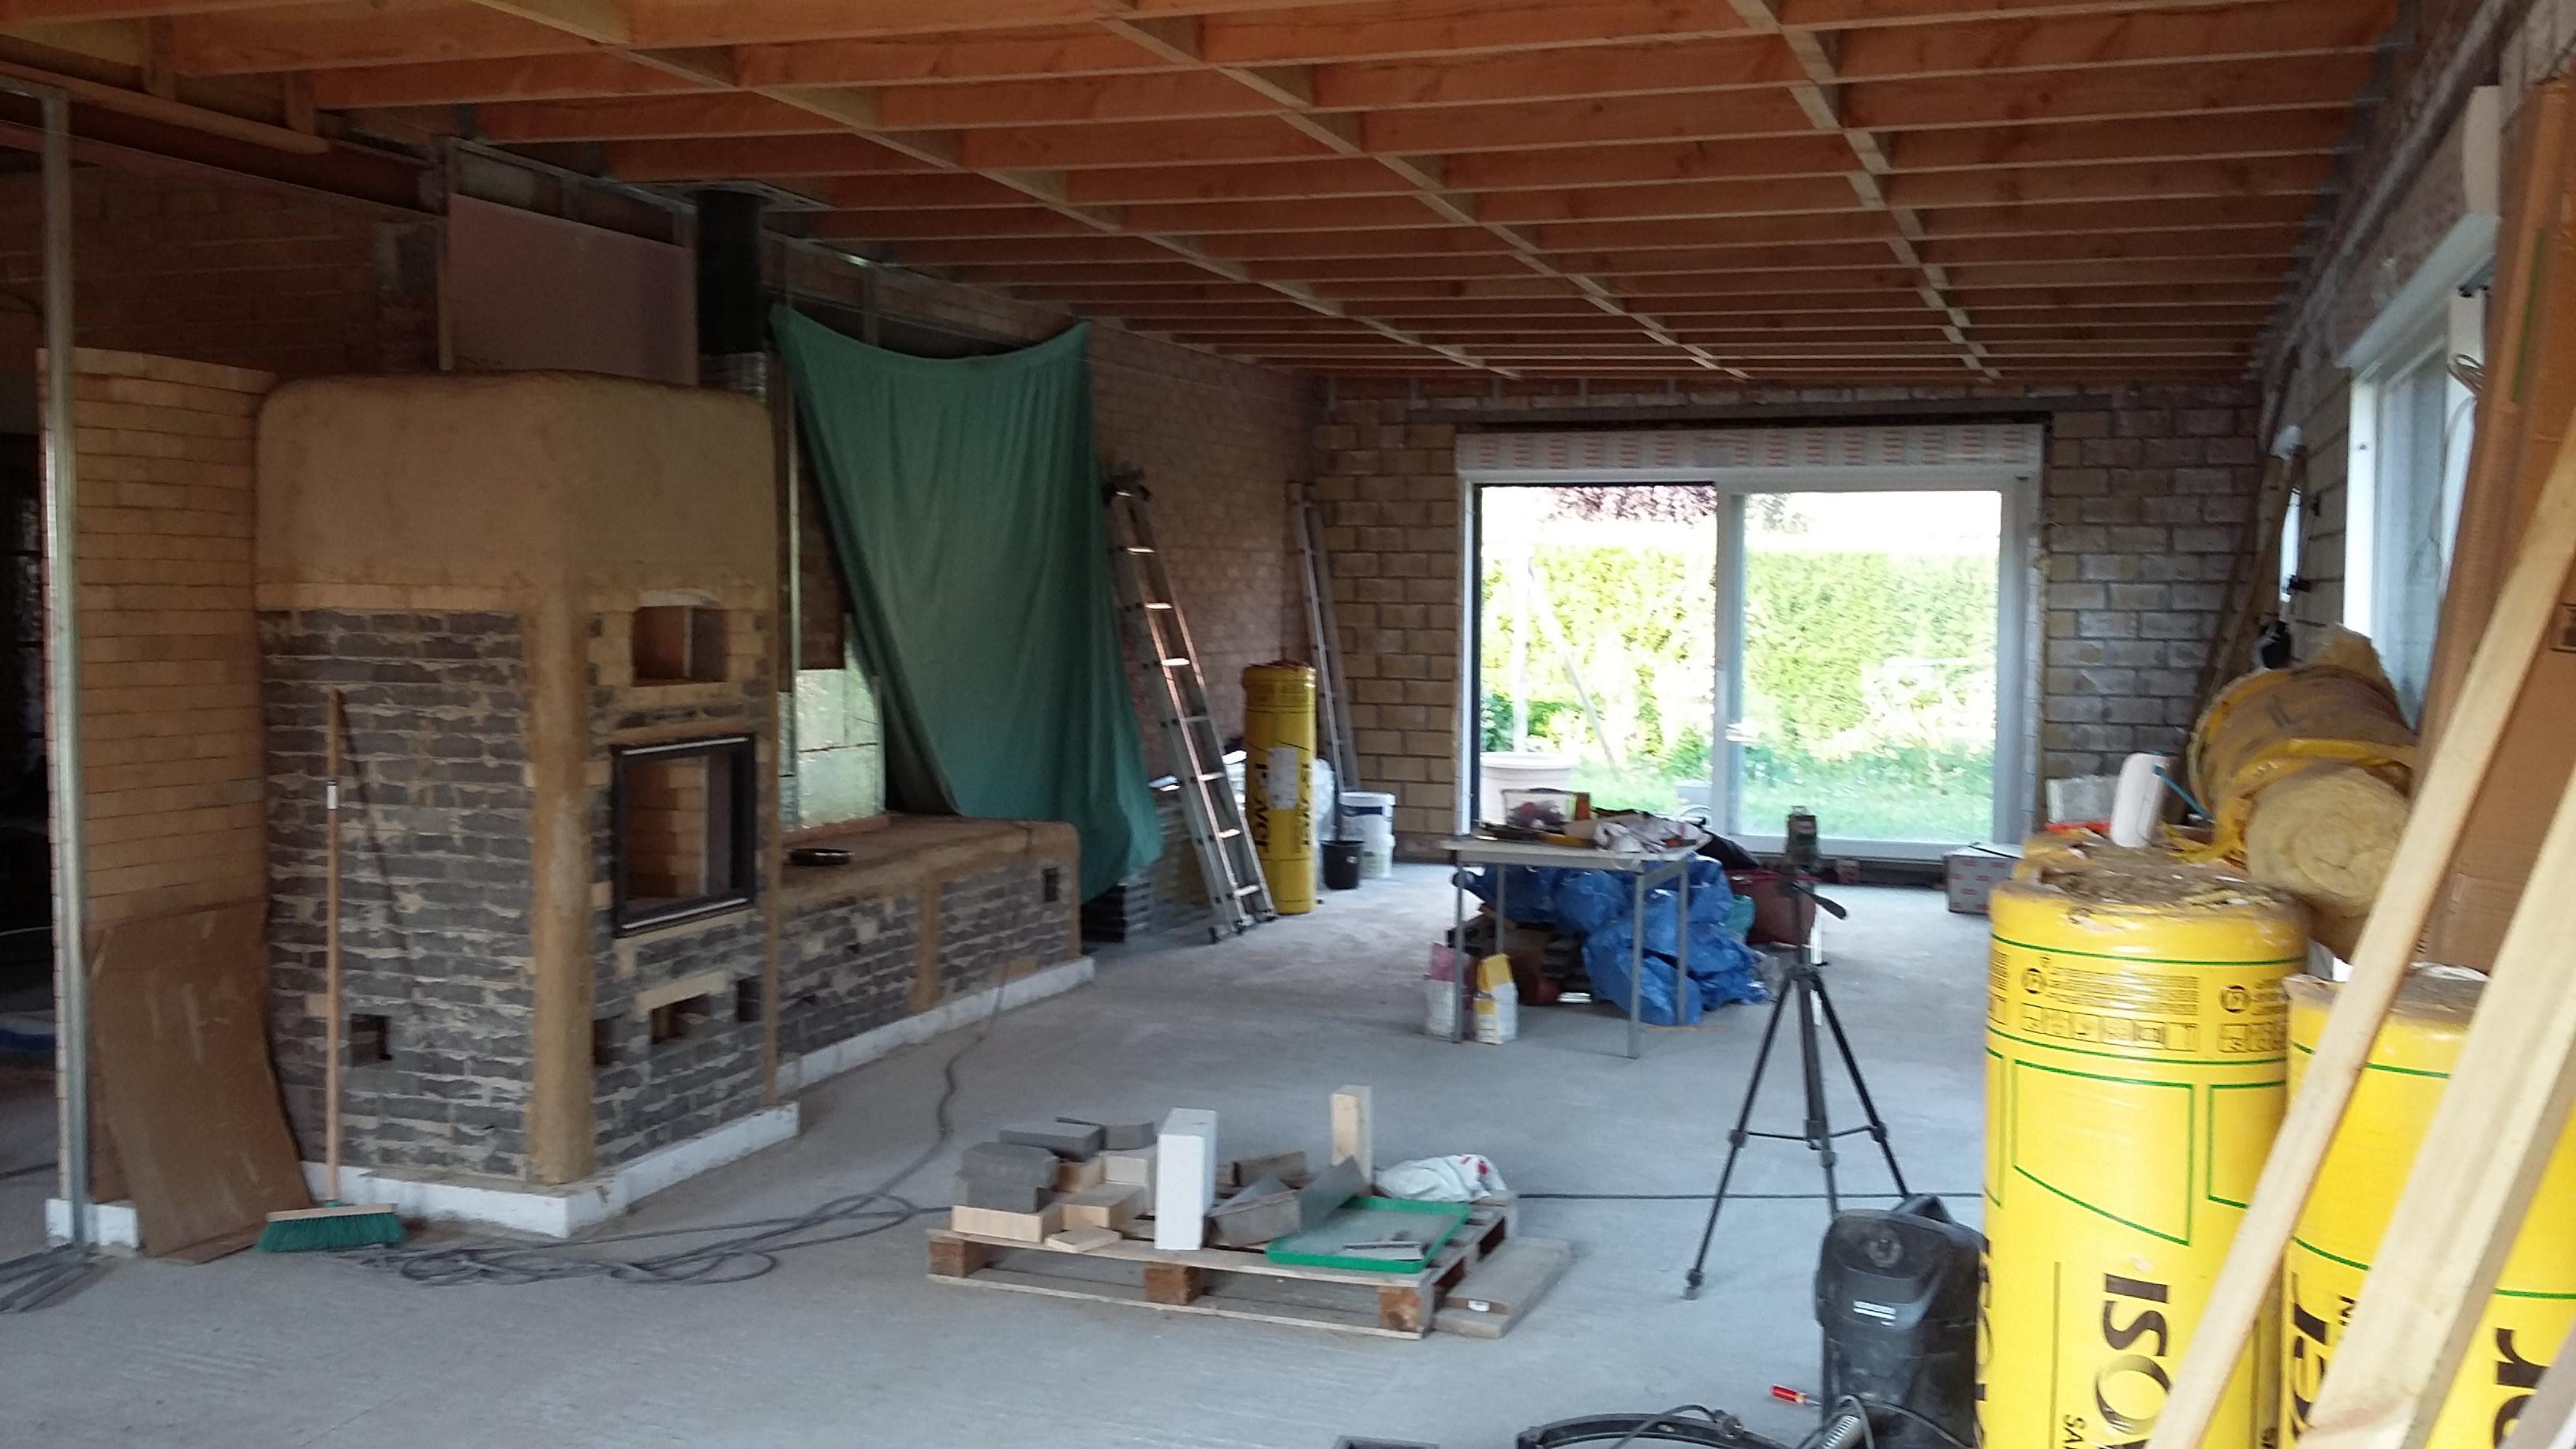 15.20 Atelier Permis de construire extension nord Sequedin450